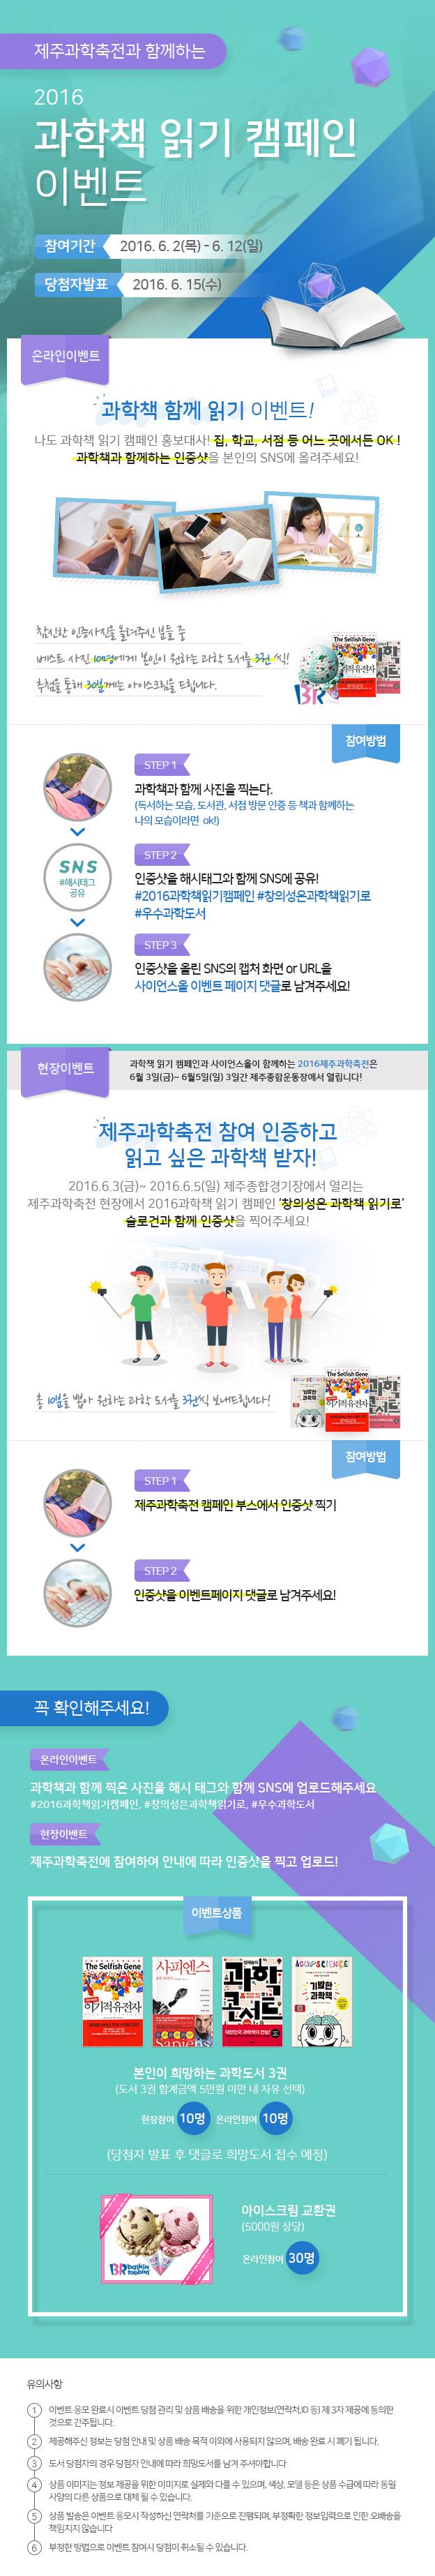 6월과학책읽기캠페인이벤트_페이지